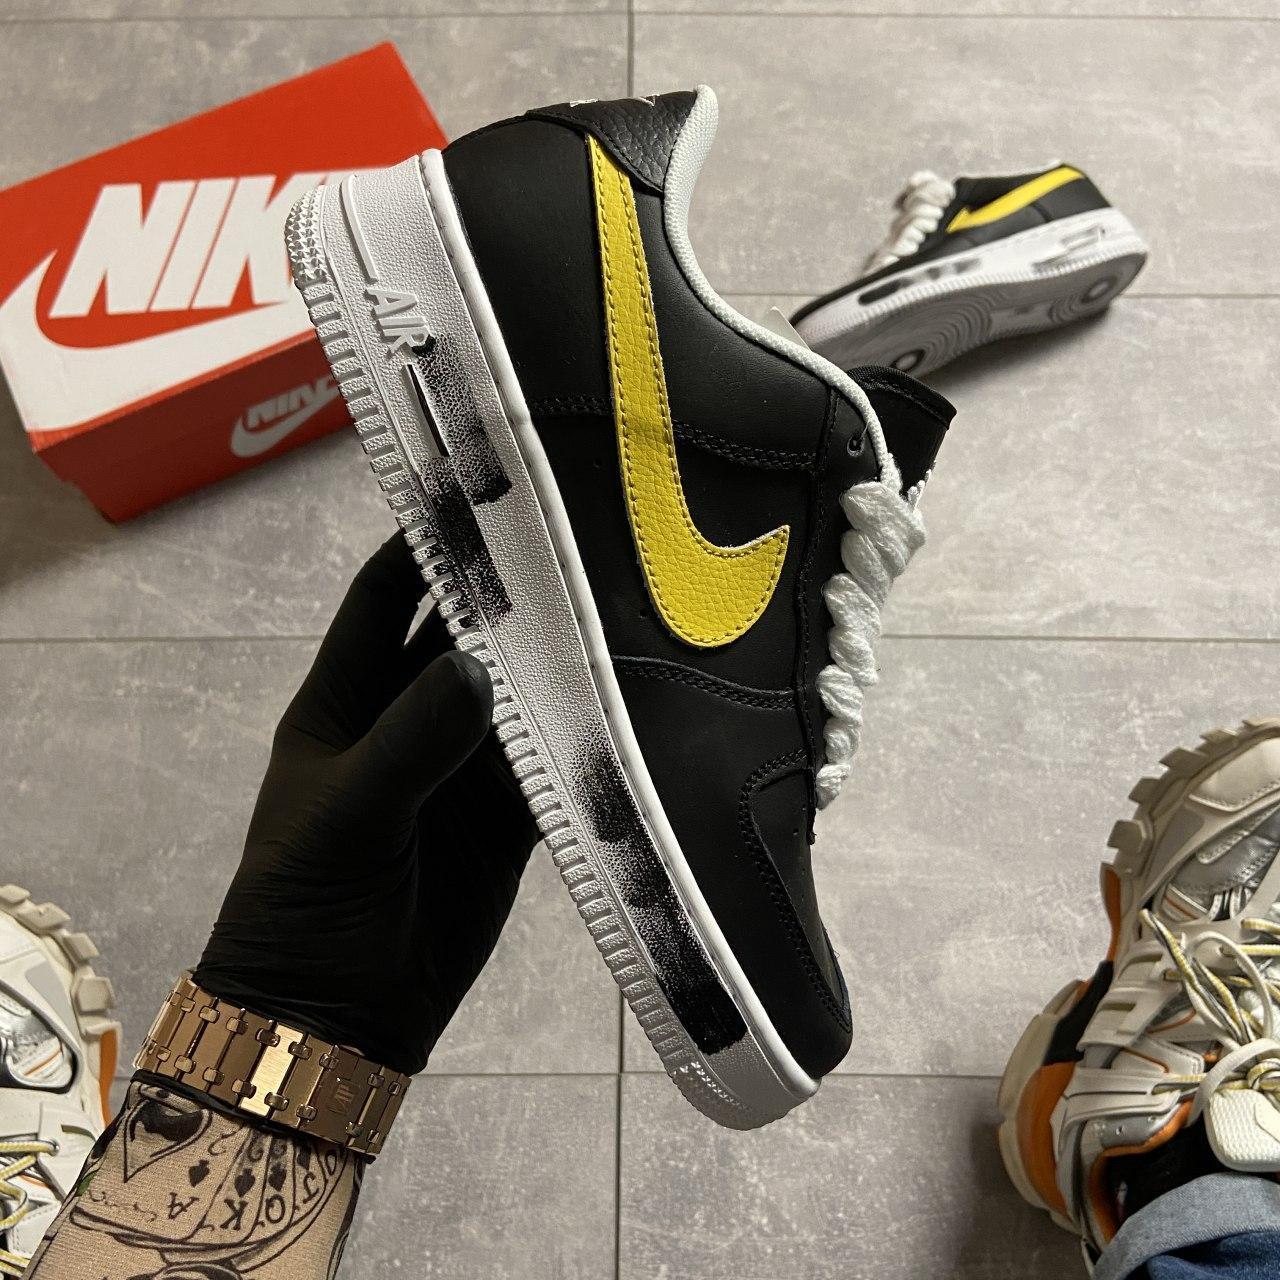 Кроссовки женские Nike Air Force 1 Low G-Dragon. ТОП КАЧЕСТВО!!! Реплика класса люкс